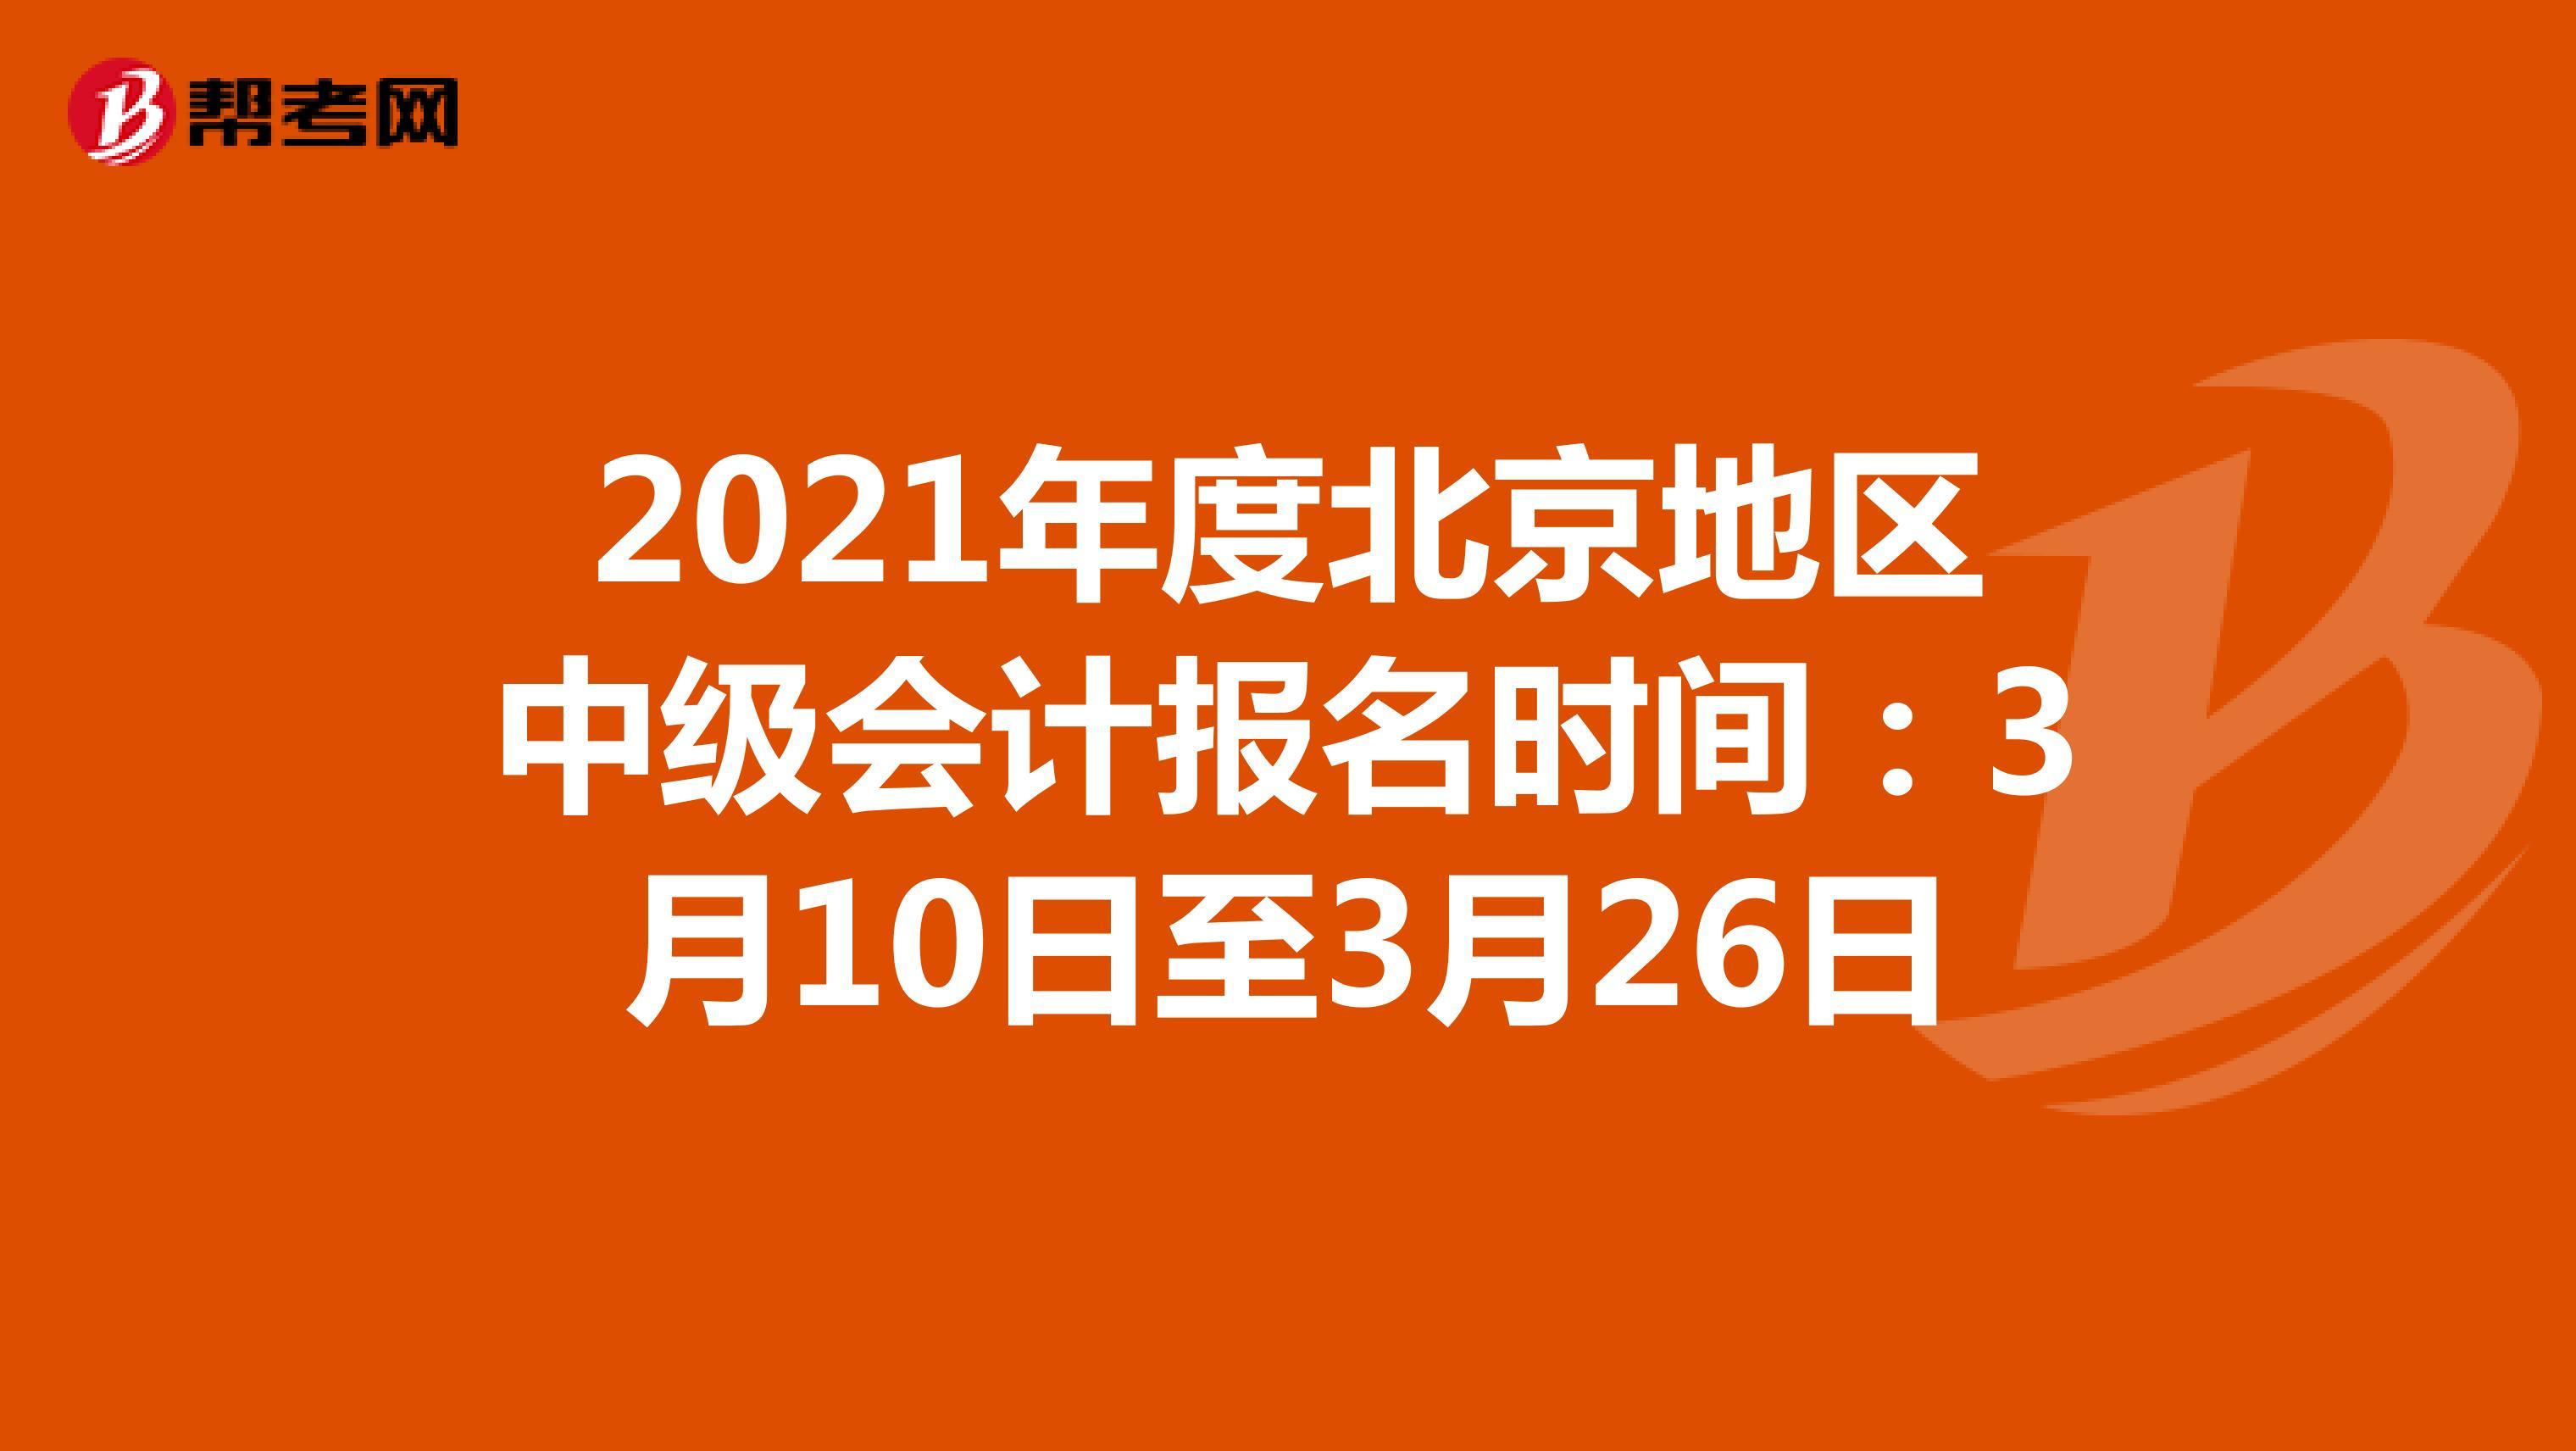 2021年度北京地区中级会计报名时间:3月10日至3月26日